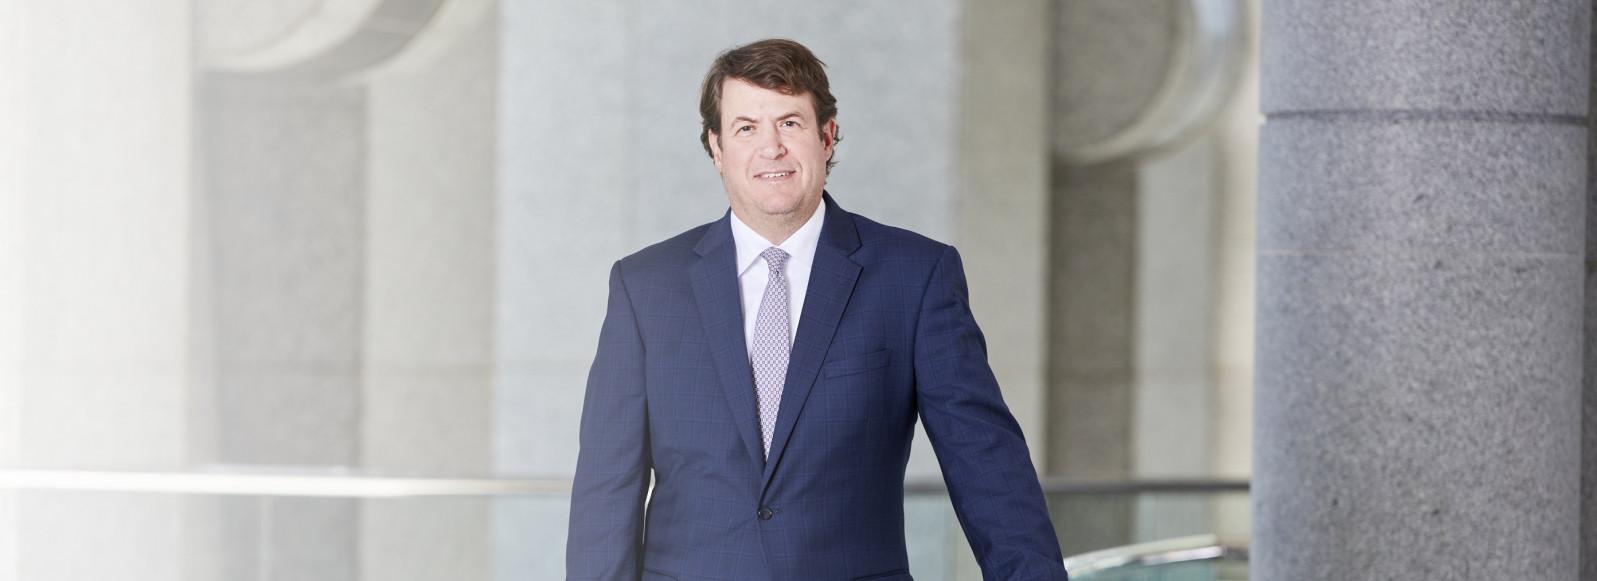 Robert M. Brennan